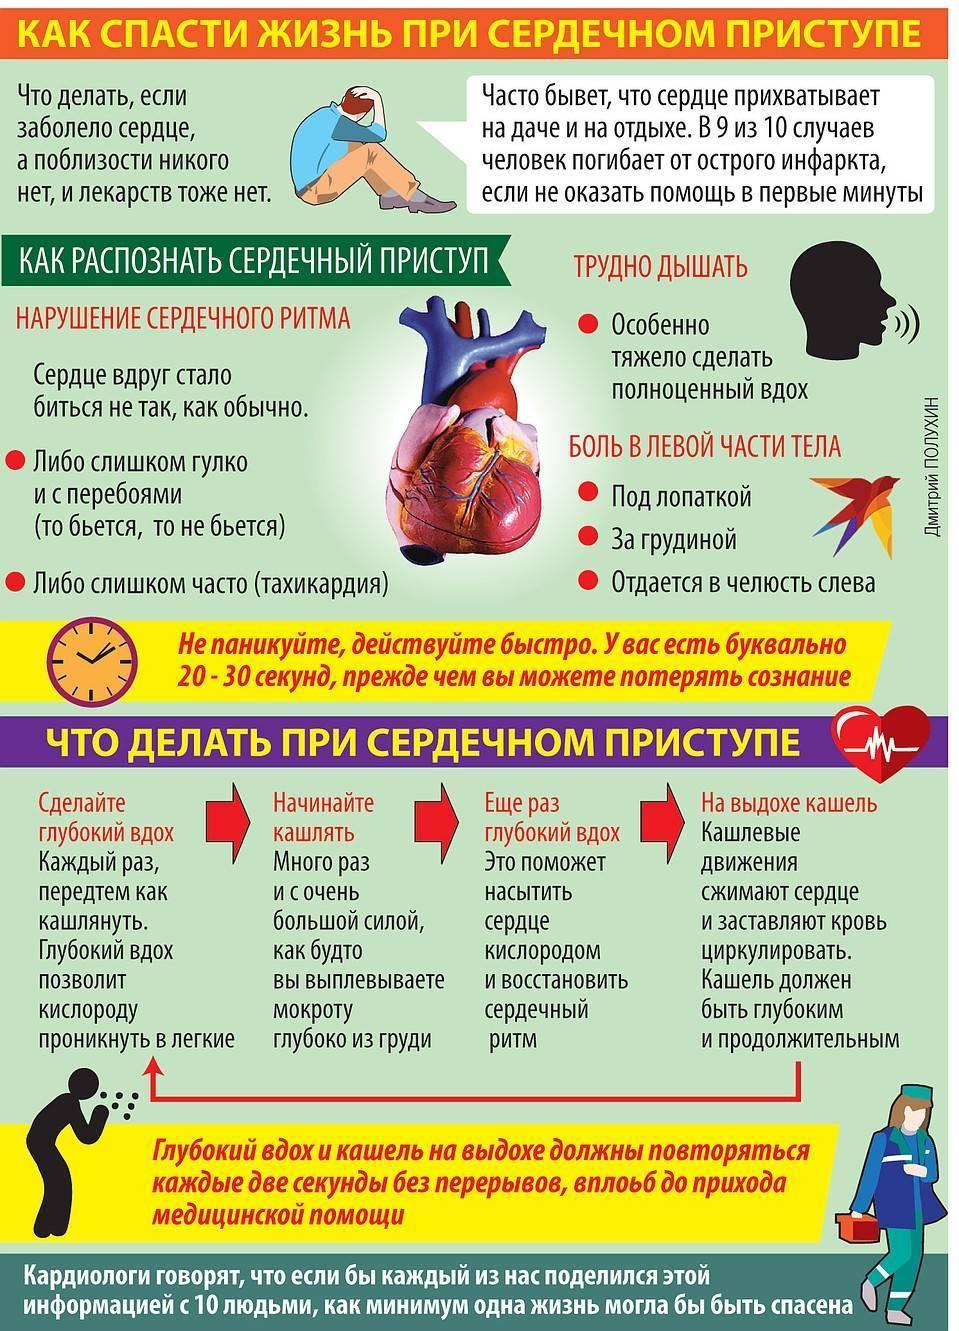 8 полезных свойств пустырника для сердца и сосудов + способы применения